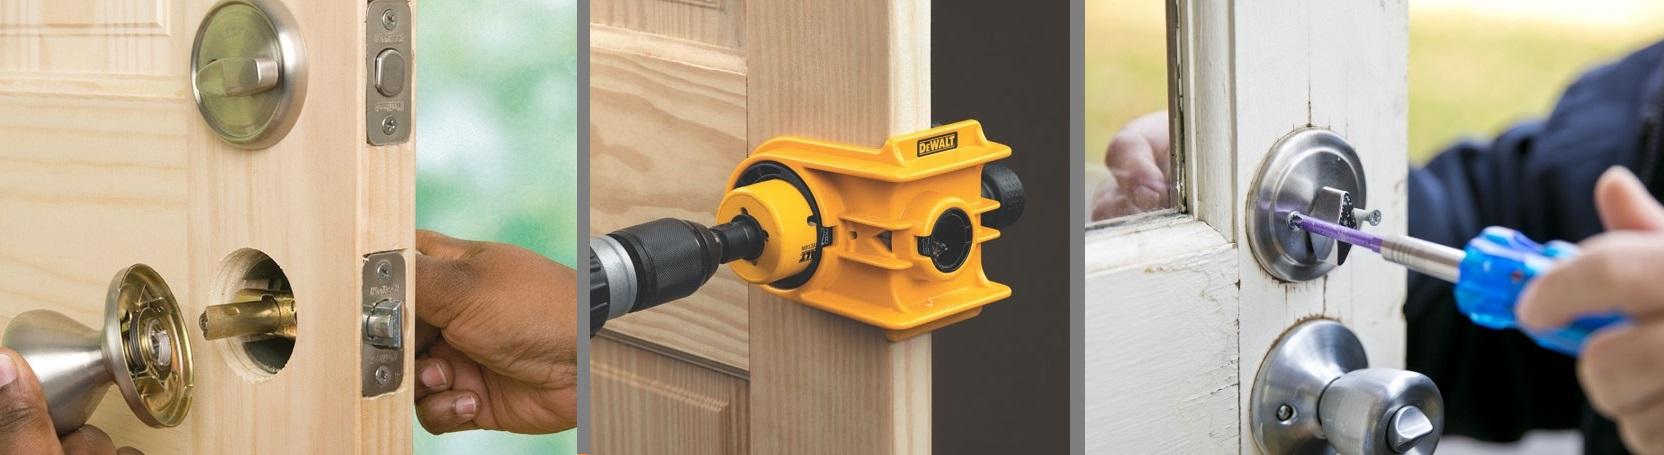 Locks Repair, Lock Replacement